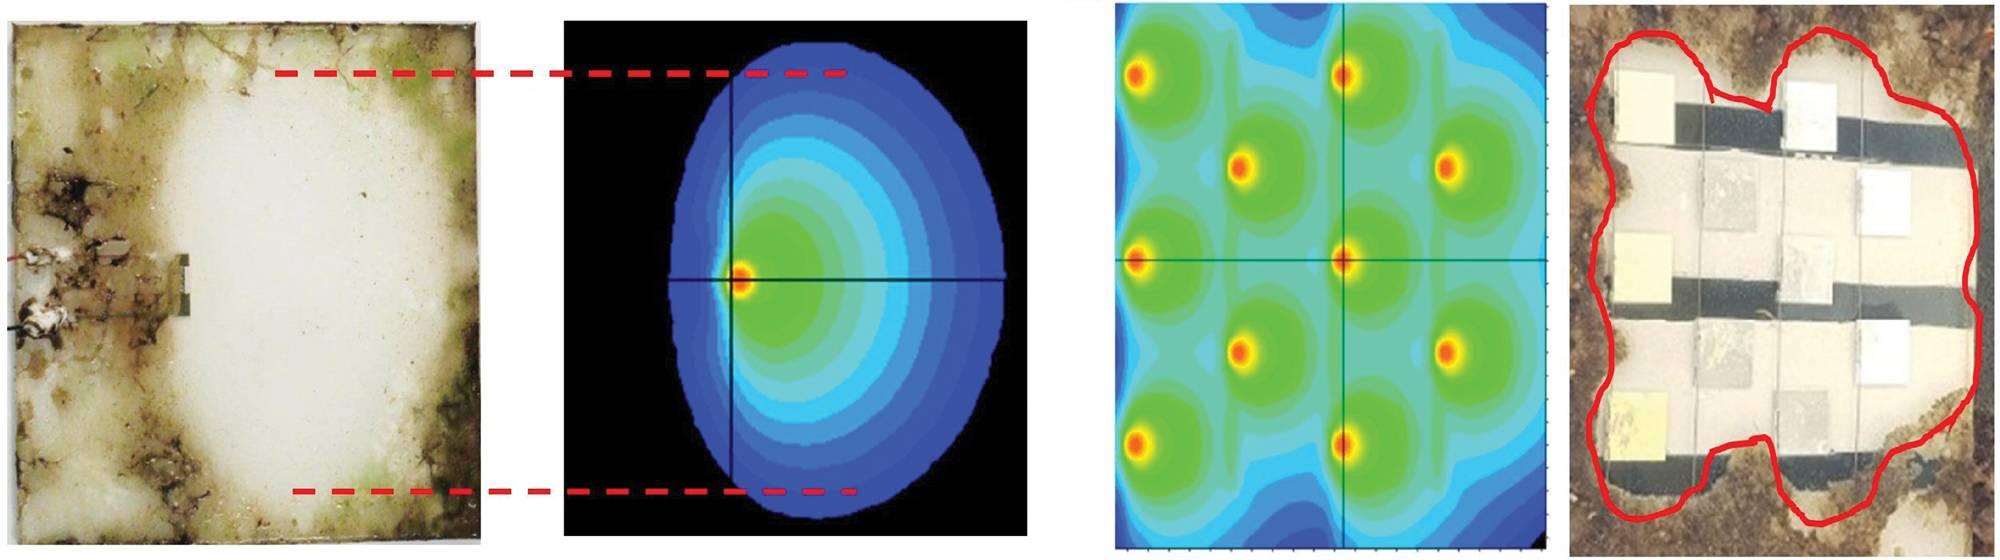 図3:対応する生物付着試験による表面におけるUV照射のモデルシミュレーションの比較。 1つのLEDが付いたシリコンスラブの左側に、水族館でテストされています。海の状態でテストされた完全なプロトタイプのパネルの右側にあります。赤い線は、シミュレーションから予想される放射照度レベルが0.3mW / m2の場所を示します。